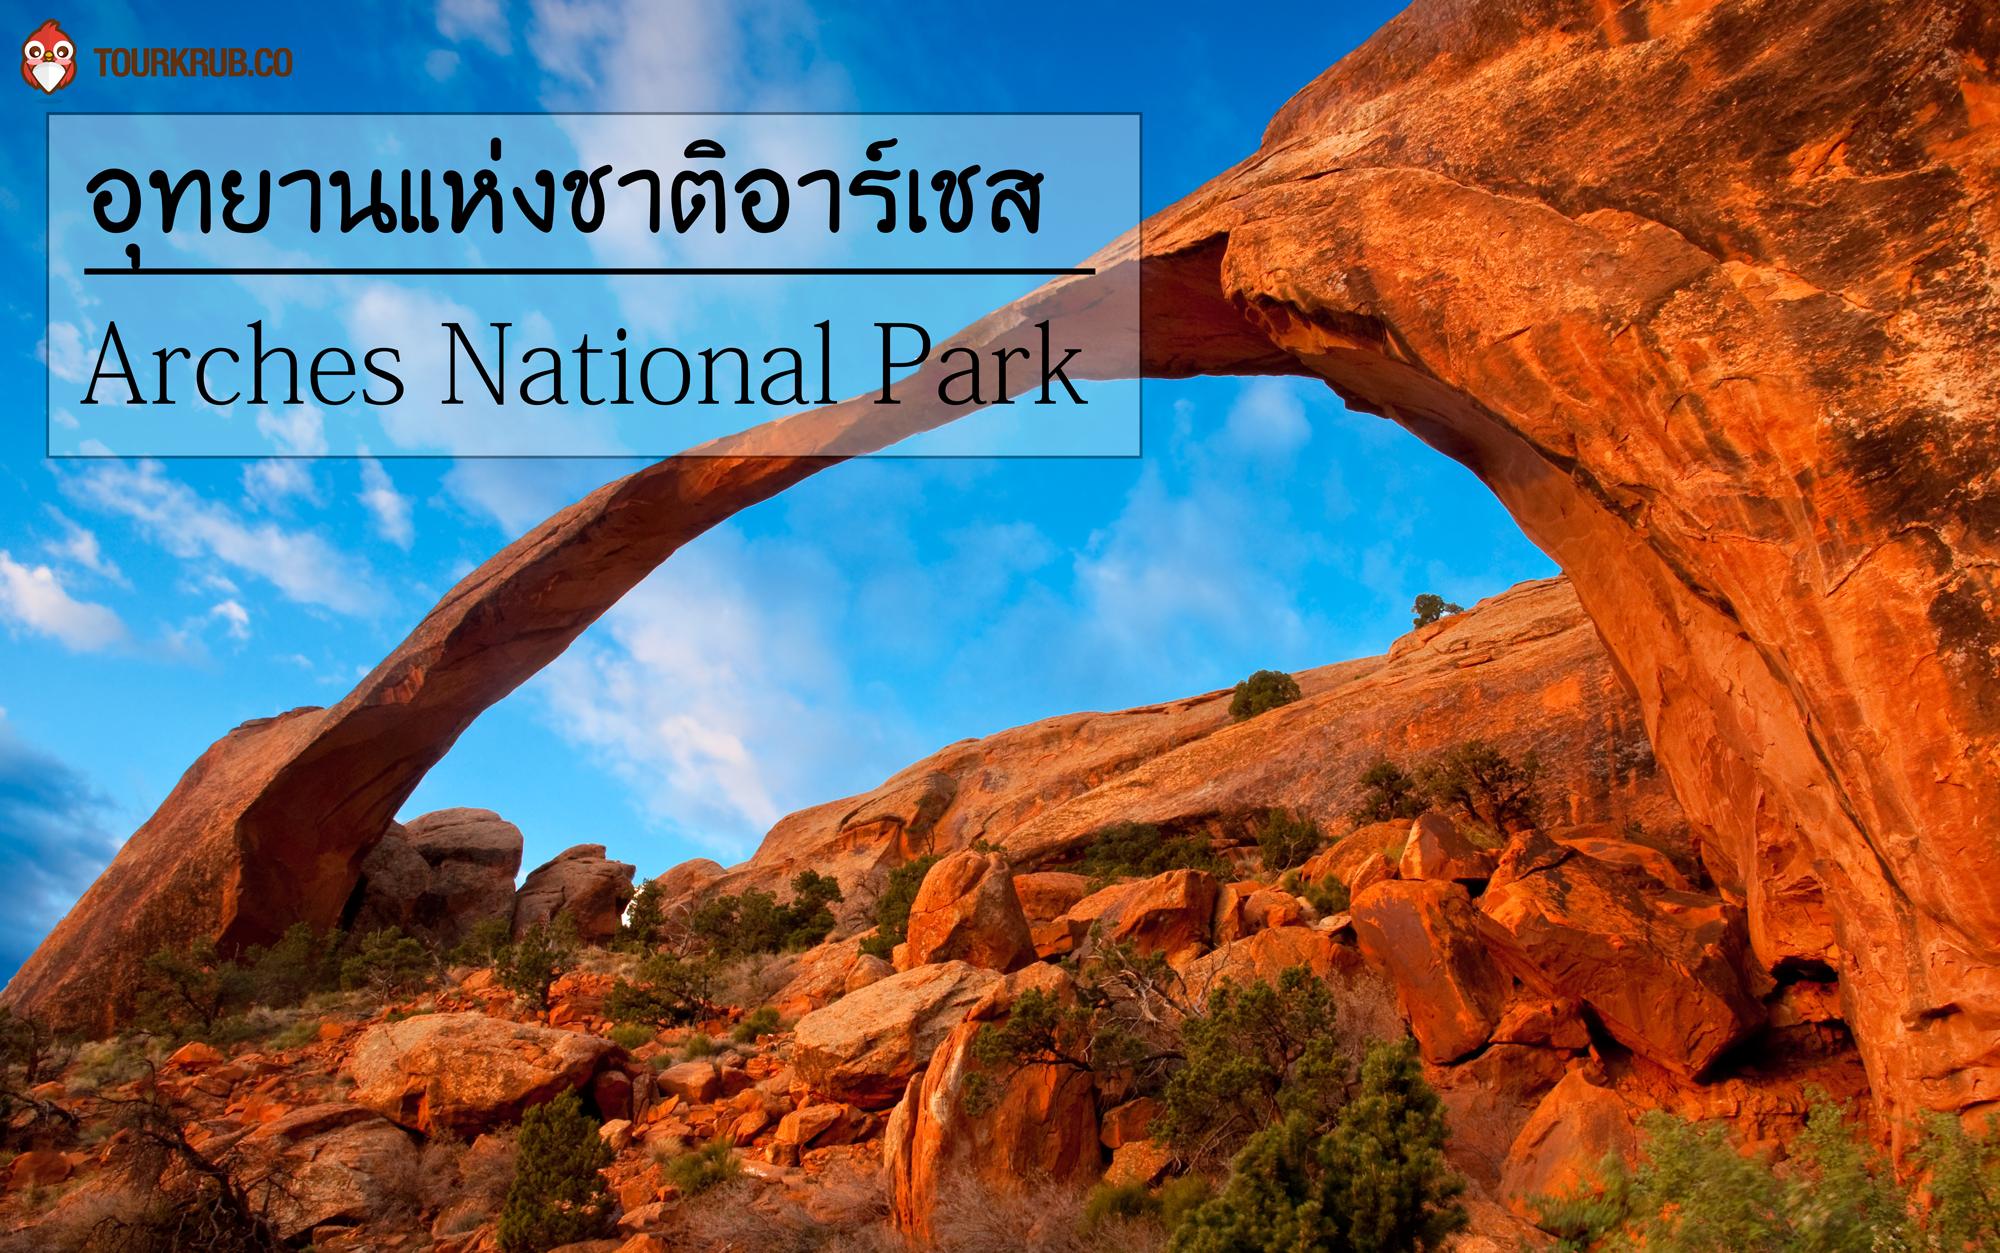 อุทยานแห่งชาติสะพานหินโค้ง หรือ อุทยานแห่งชาติอาร์เชส (Arches National Park)